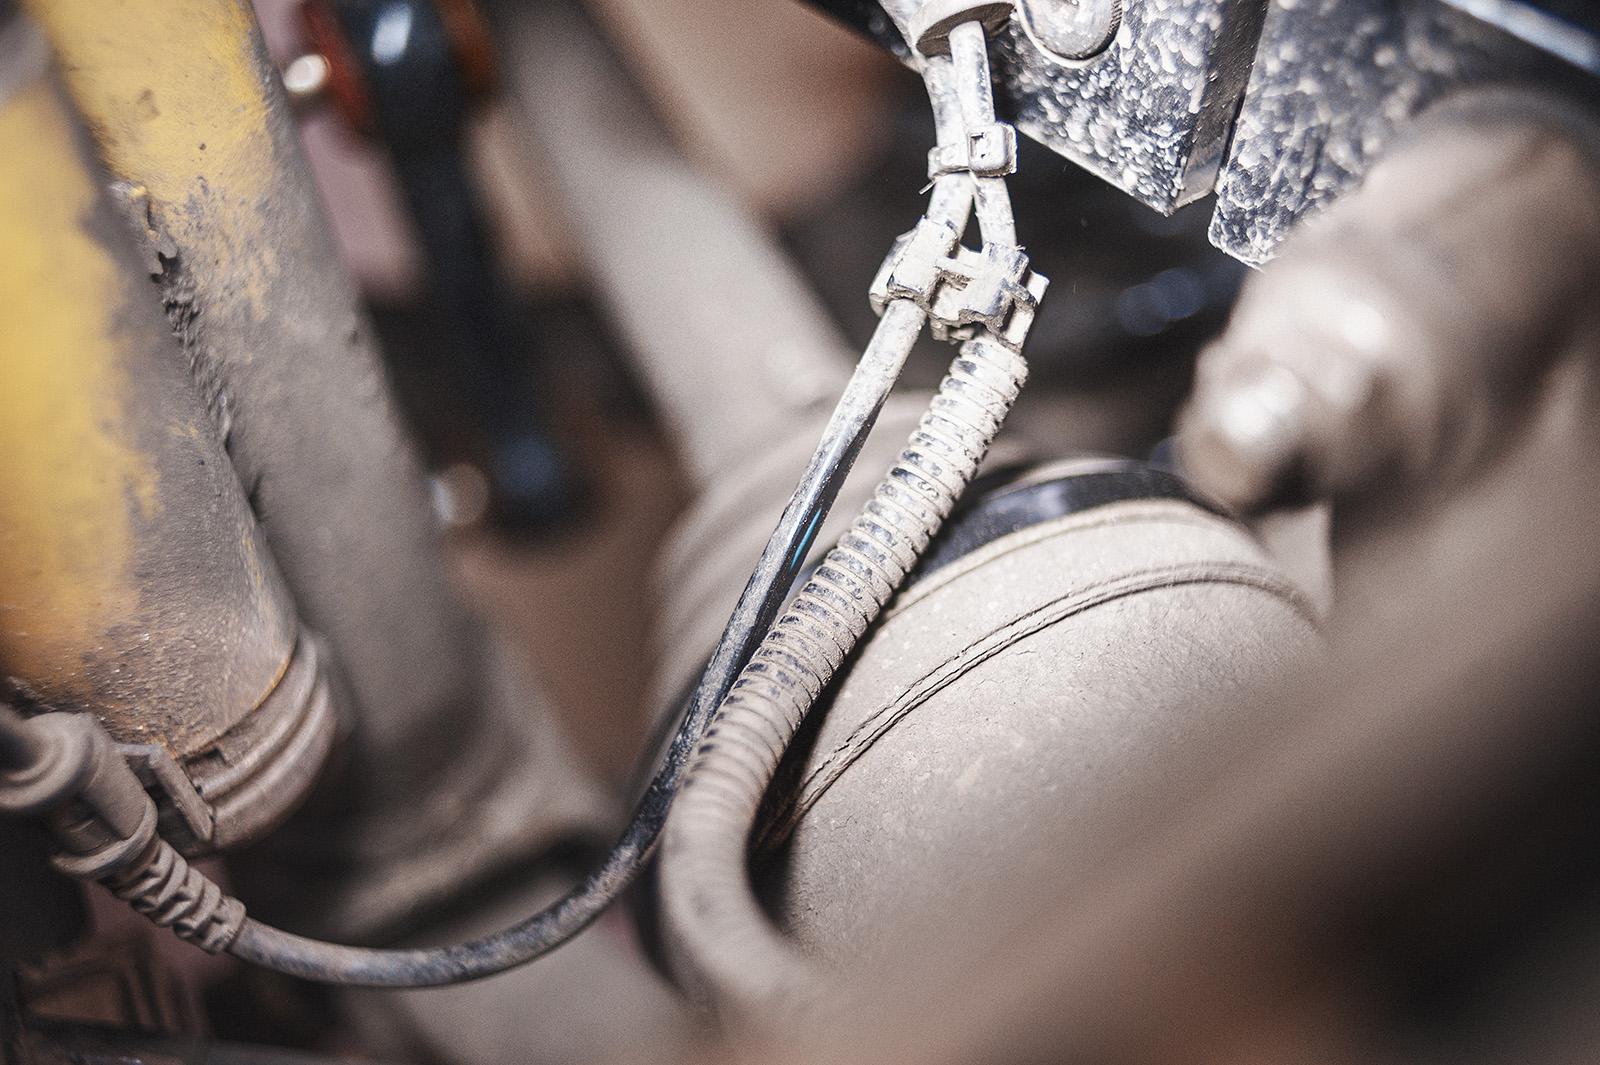 Проводка на задний амортизатор и датчик ABS трётся о пыльник ШРУСа